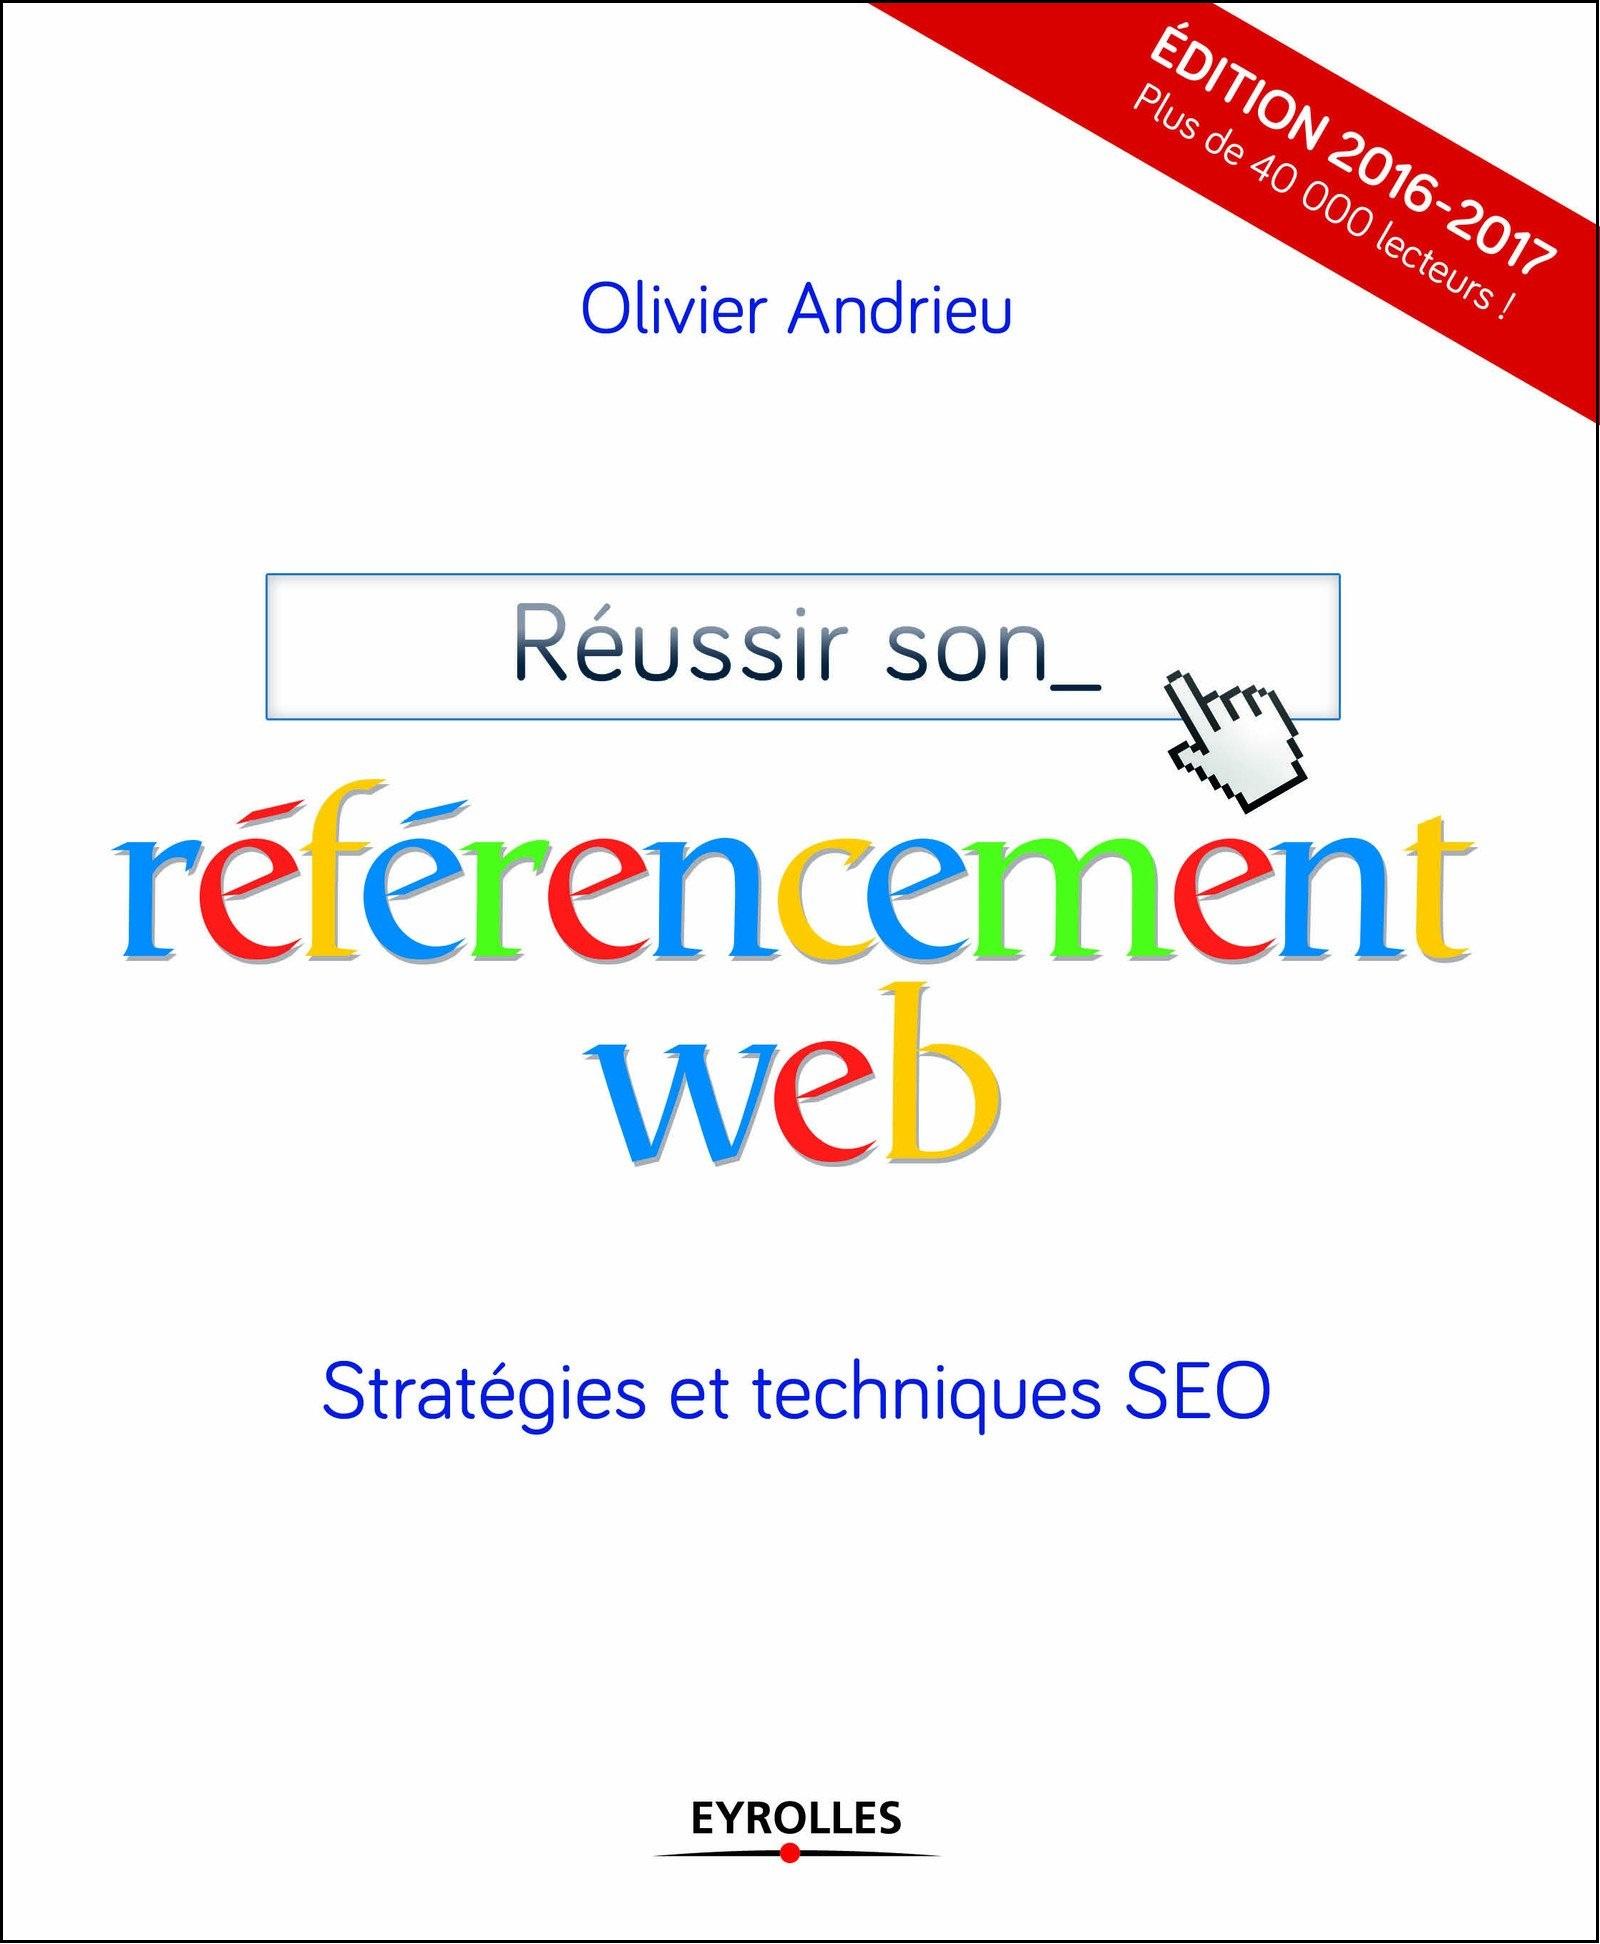 Réussir son référencement web : Stratégies et techniques SEO